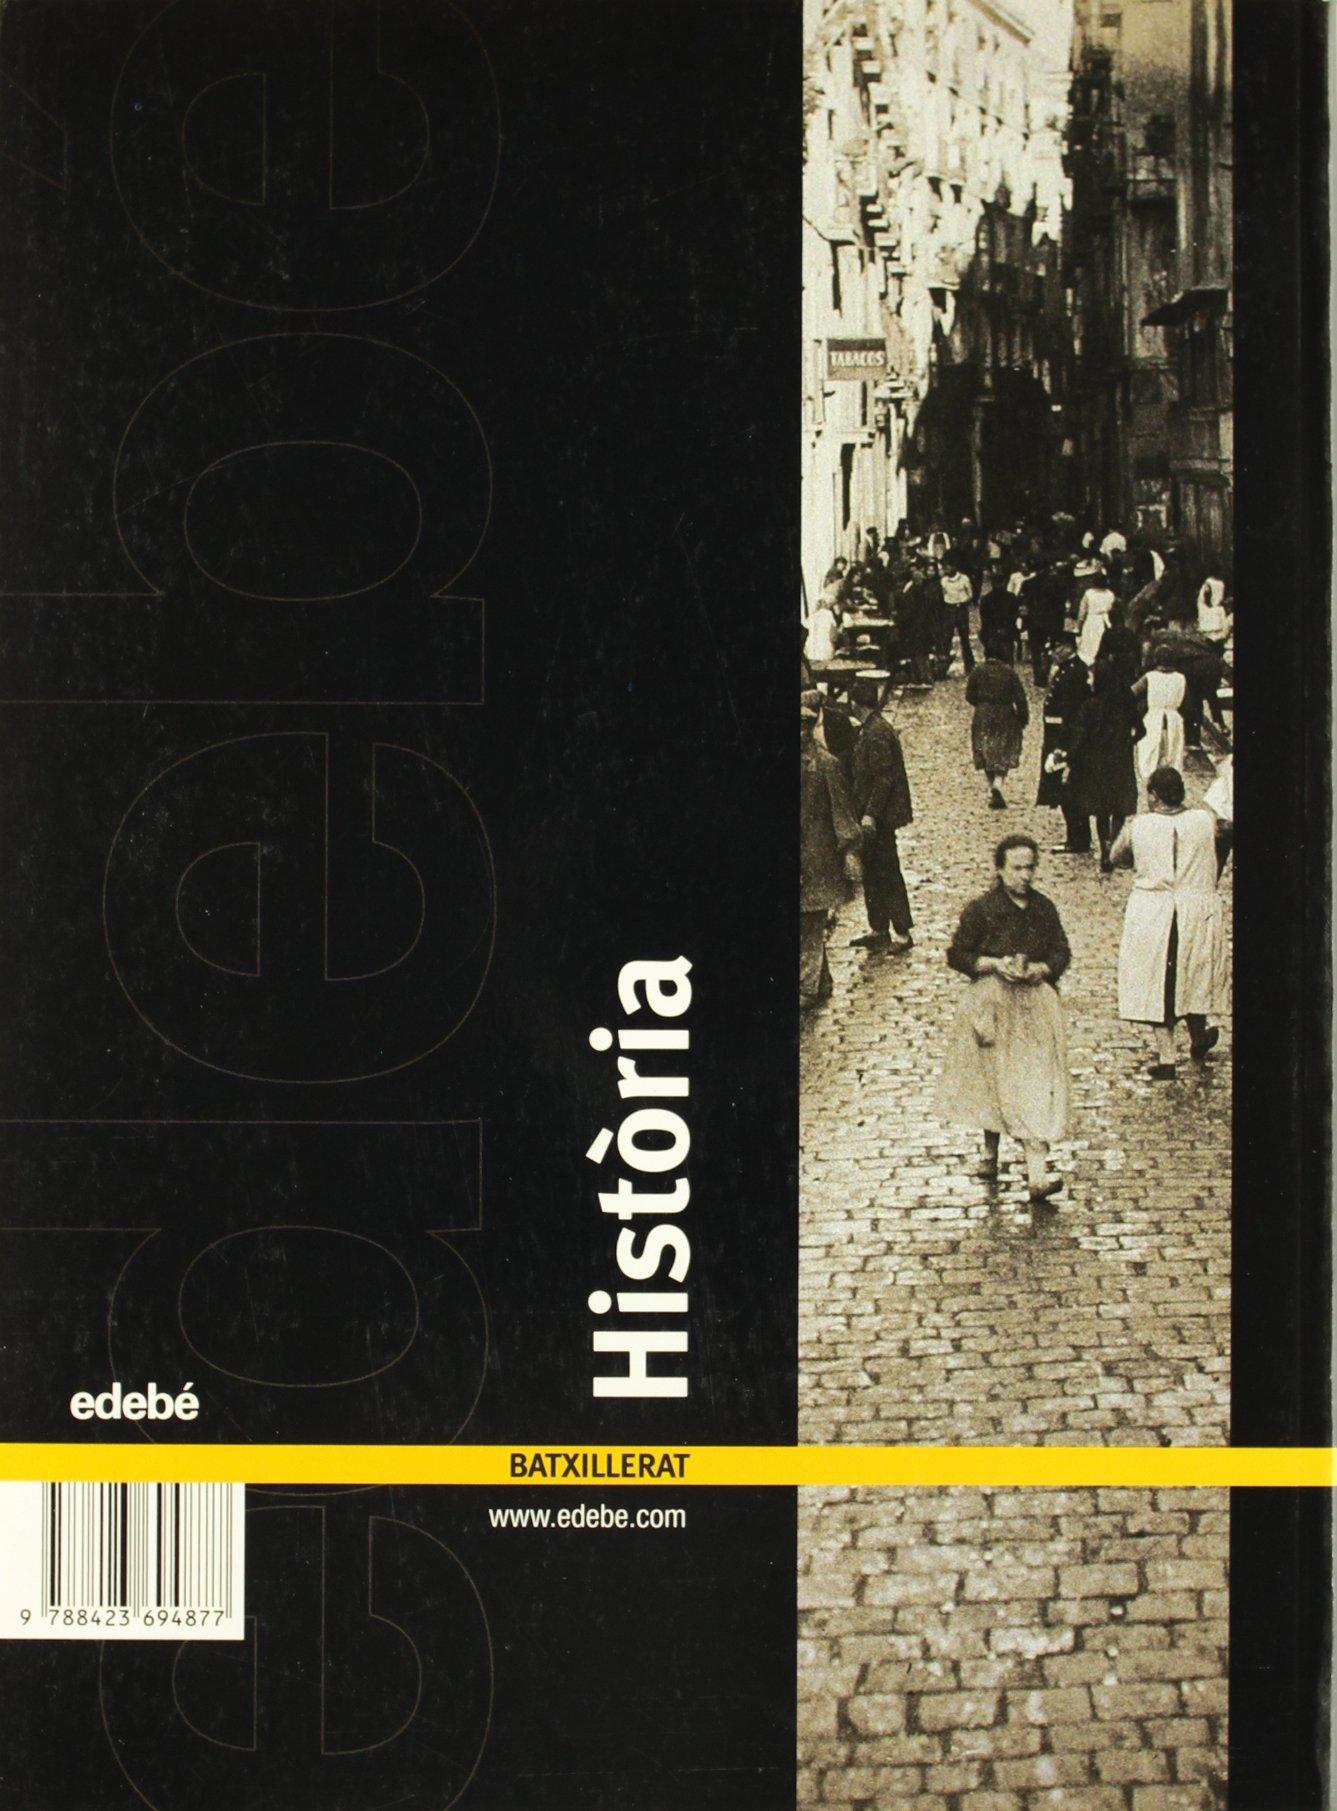 Història - 9788423694877: Amazon.es: Edebé, Obra Colectiva: Libros